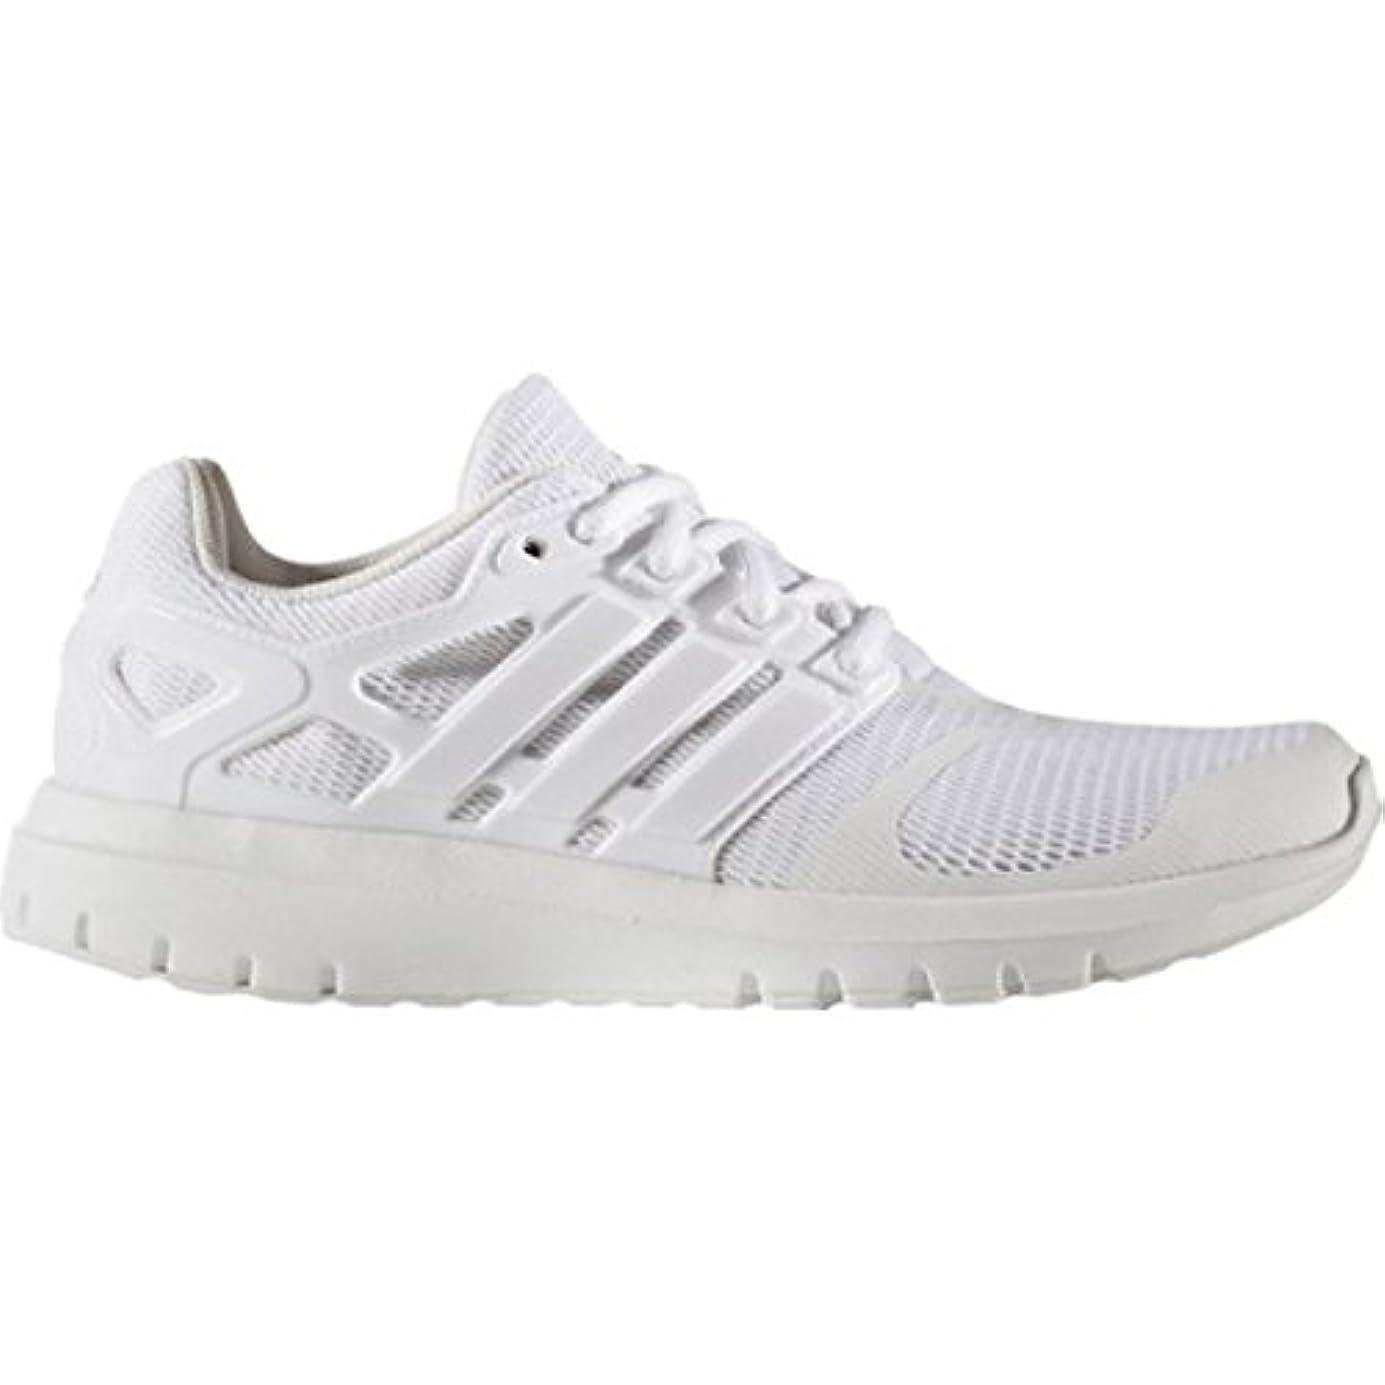 ふざけた収穫肖像画(アディダス) adidas レディース ランニング?ウォーキング シューズ?靴 Energy Cloud V 2-Tone Lenticular Mesh Running Shoe [並行輸入品]